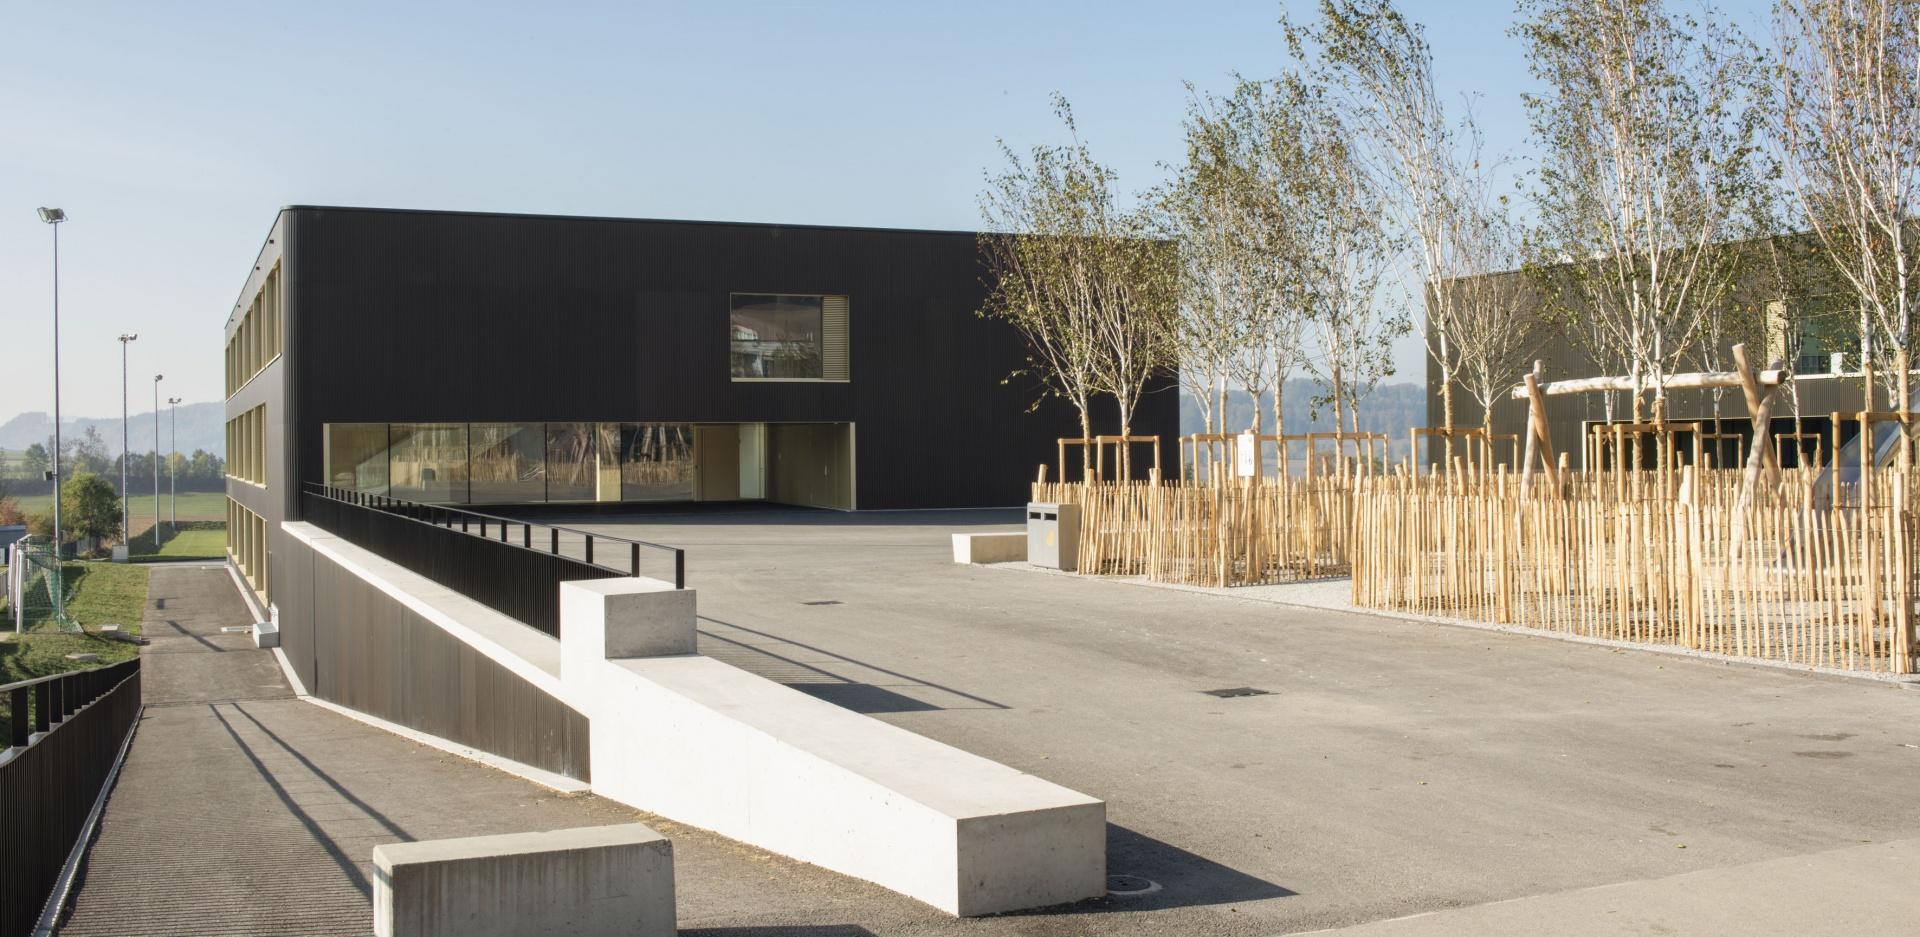 Pausenplatz © Projet et réalisation : Ruffieux-Chehab Architectes SA, Photos : Primula Bosshard